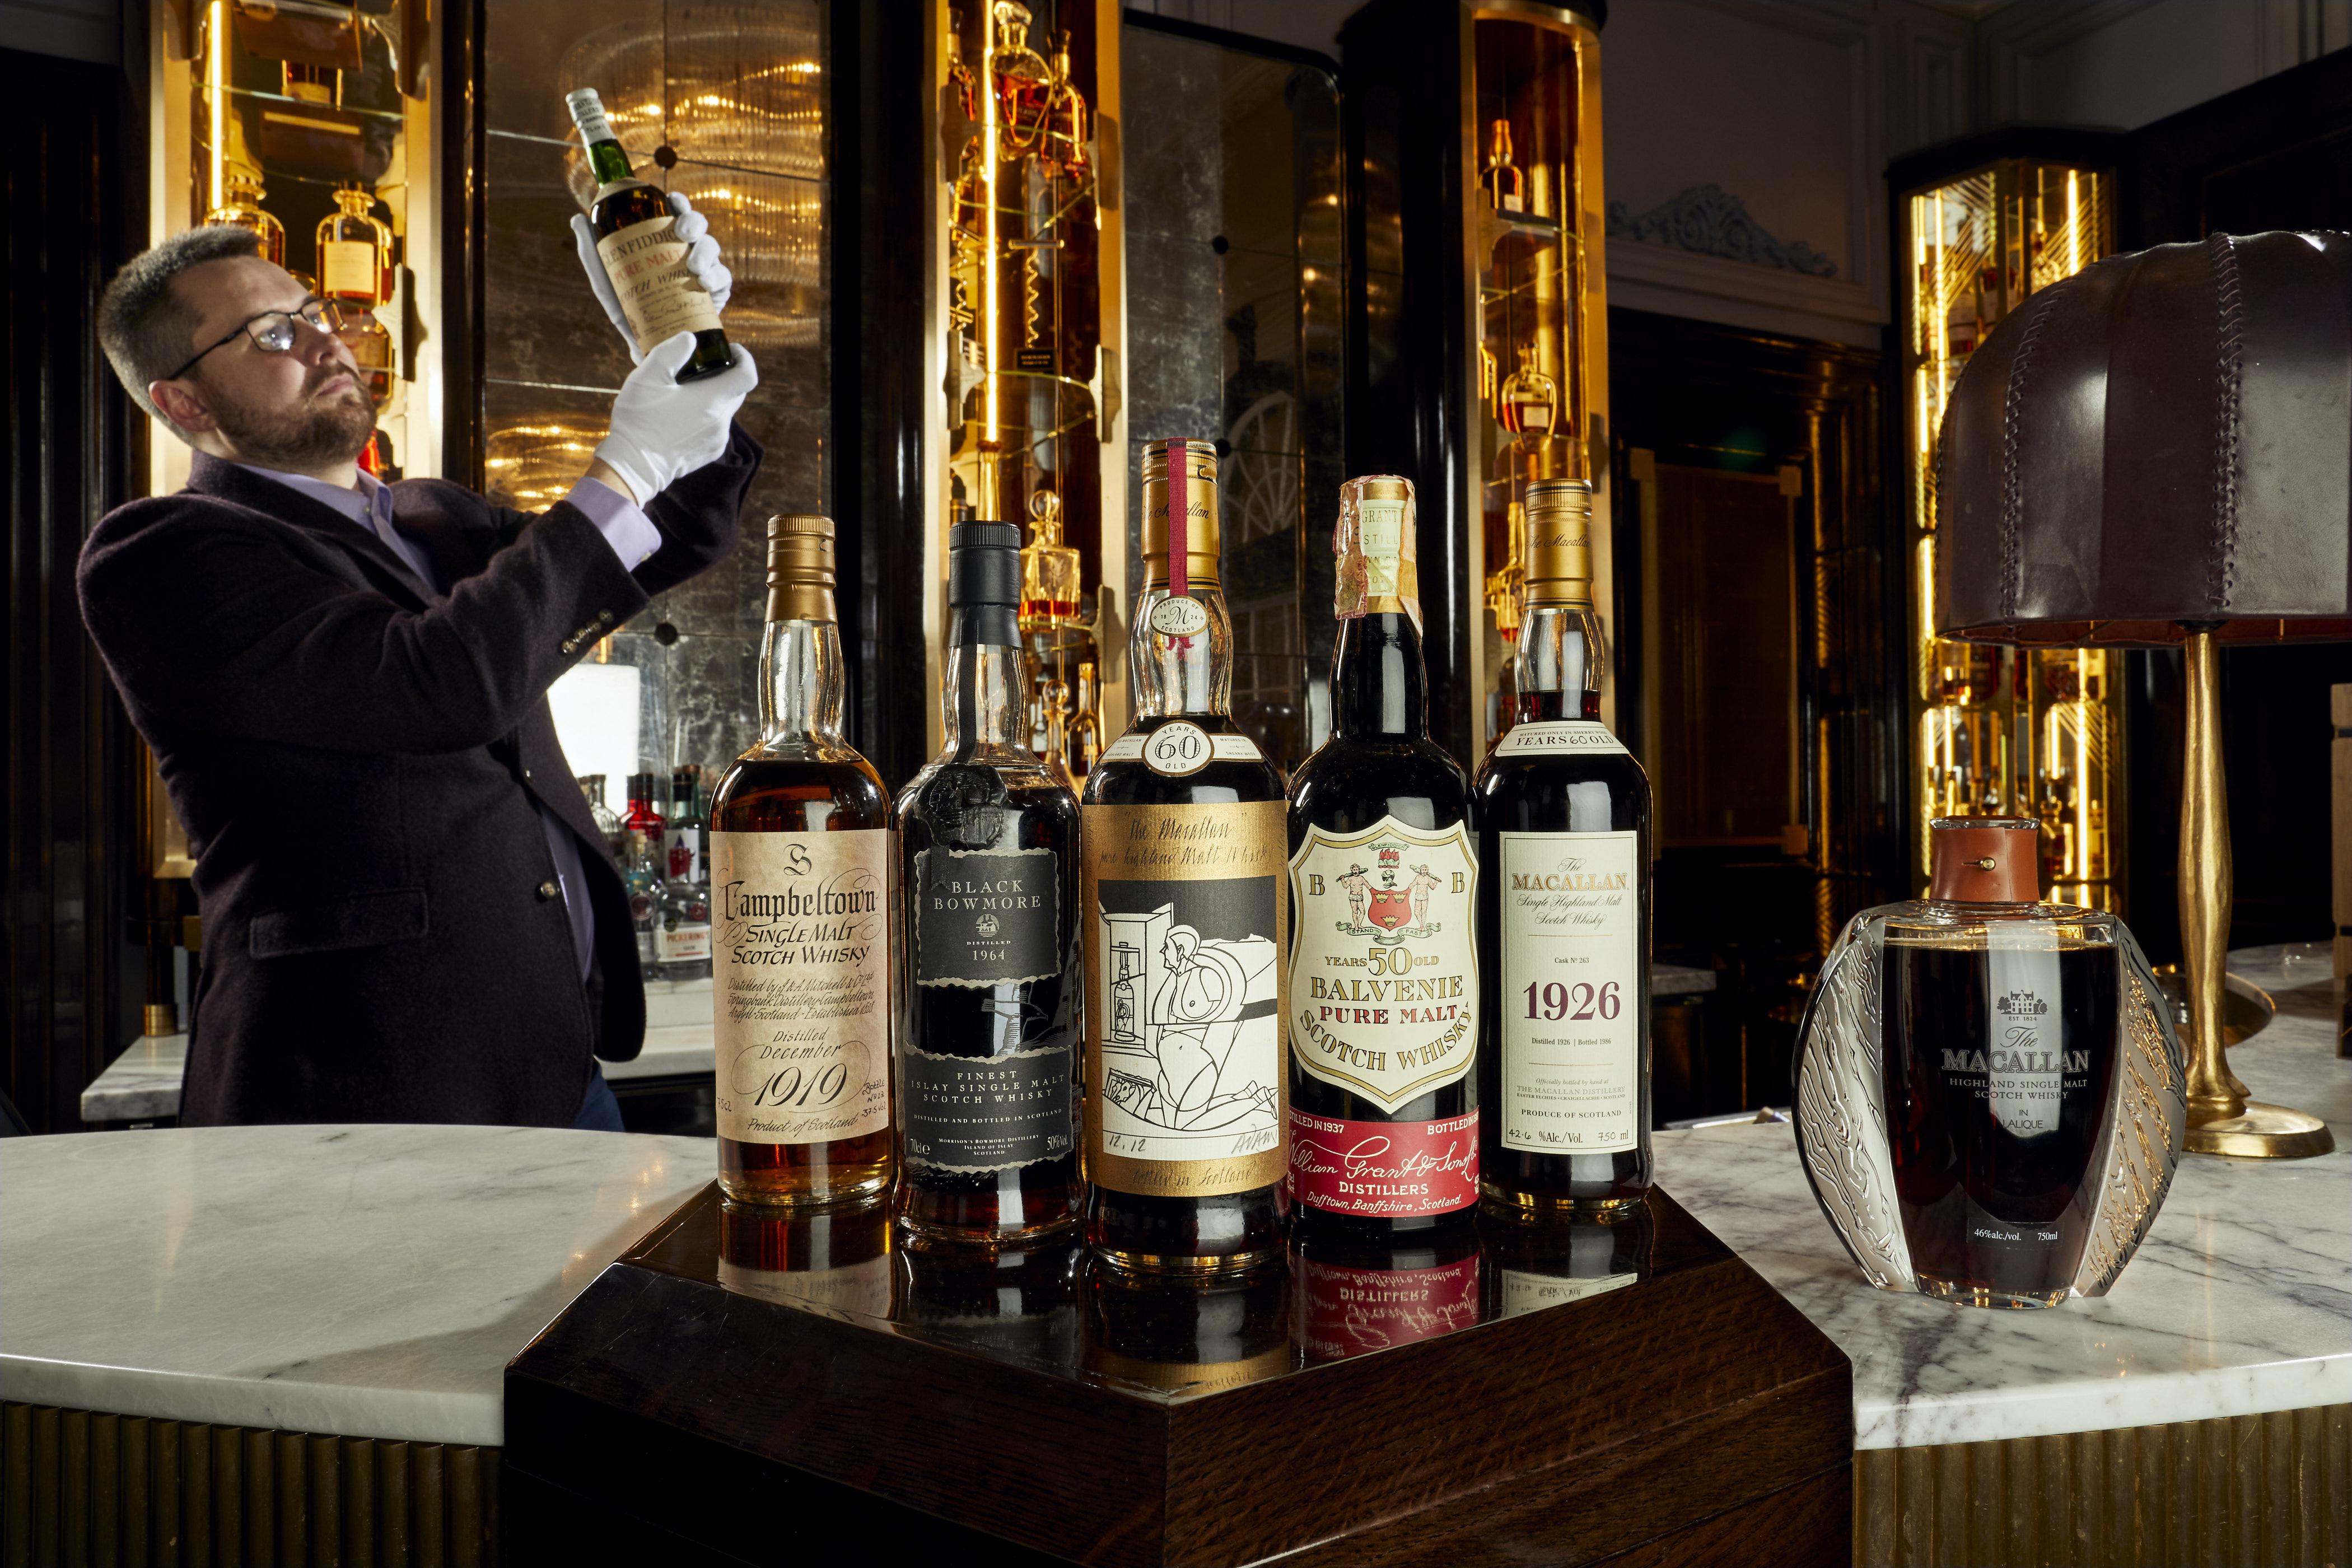 Коллекция виски стоимостью 8 миллионов фунтов стерлингов уйдет с молотка